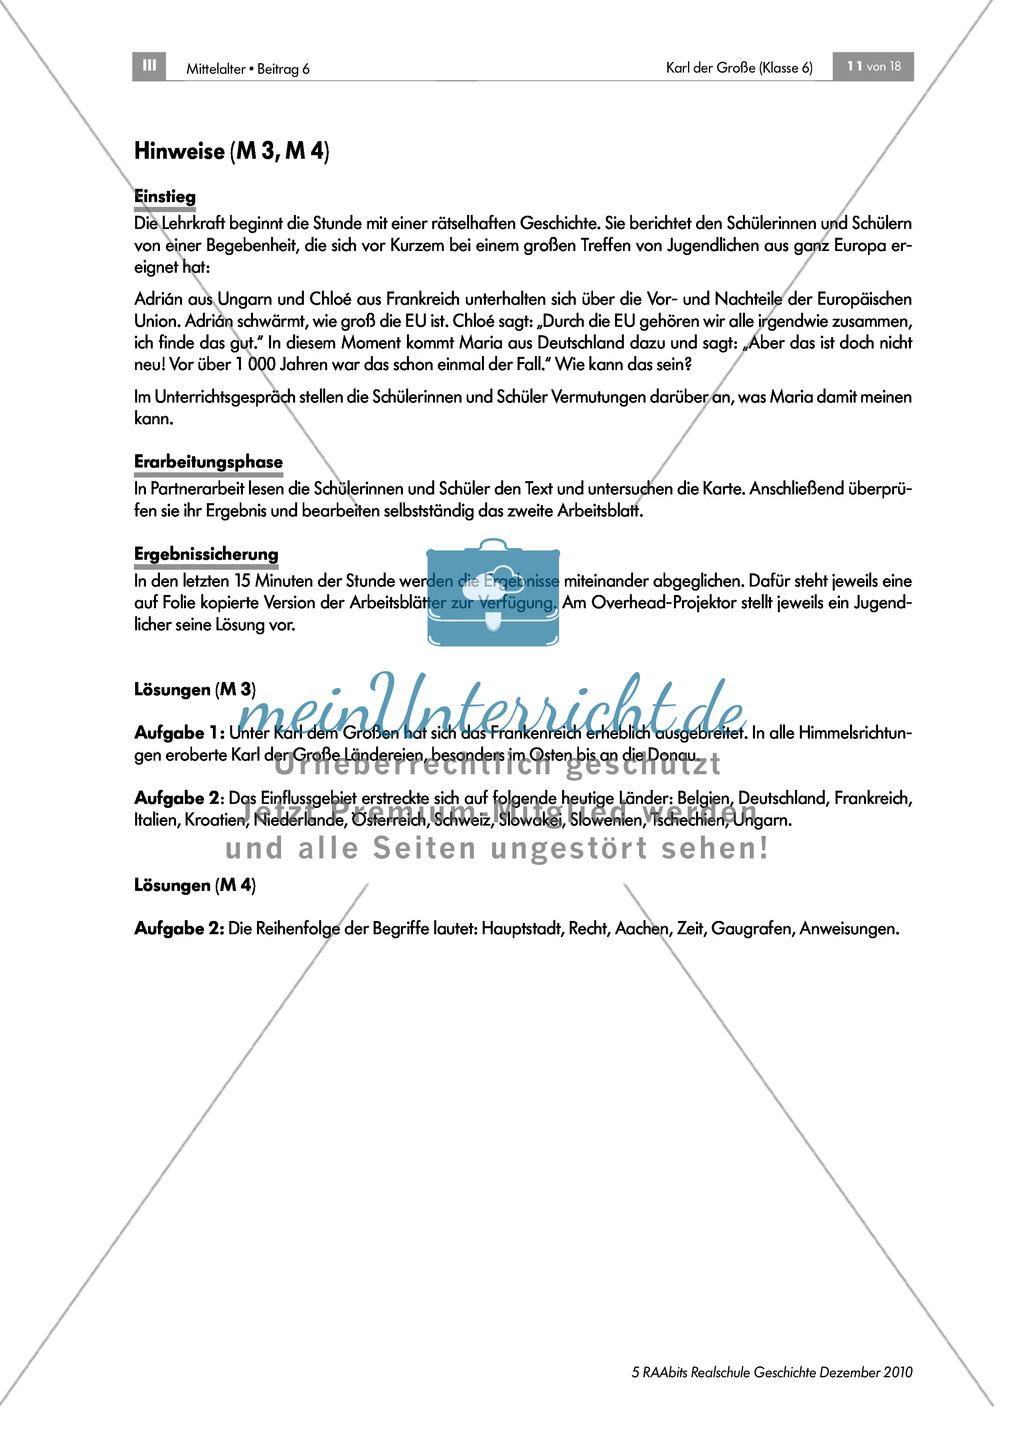 Karl der Große: Das Frankenreich Preview 2